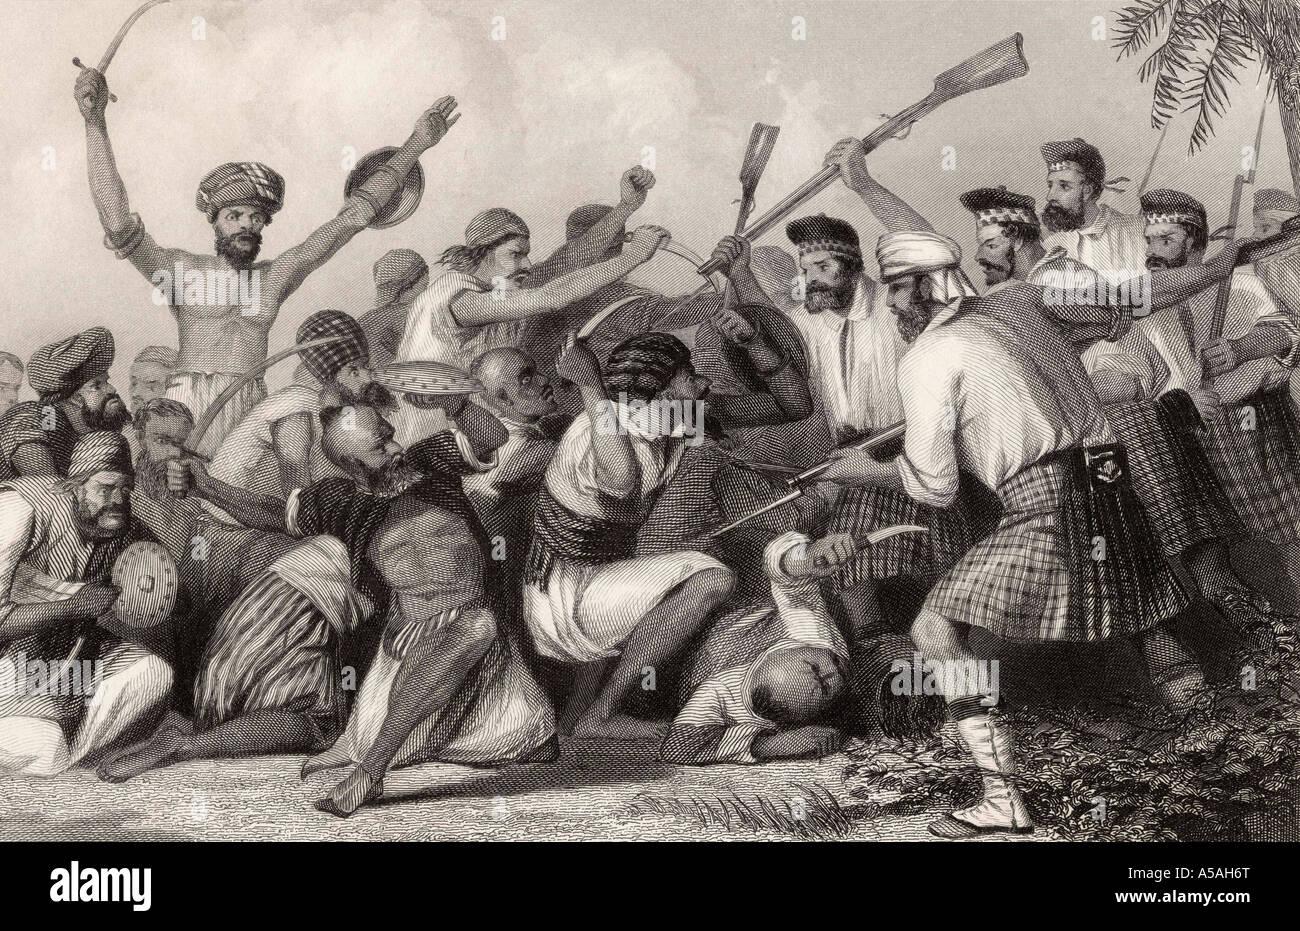 Konflikt mit der Ghazees bevor Bareilly 6. Mai 1858 aus der Geschichte der indischen Meuterei 1858 veröffentlicht Stockbild